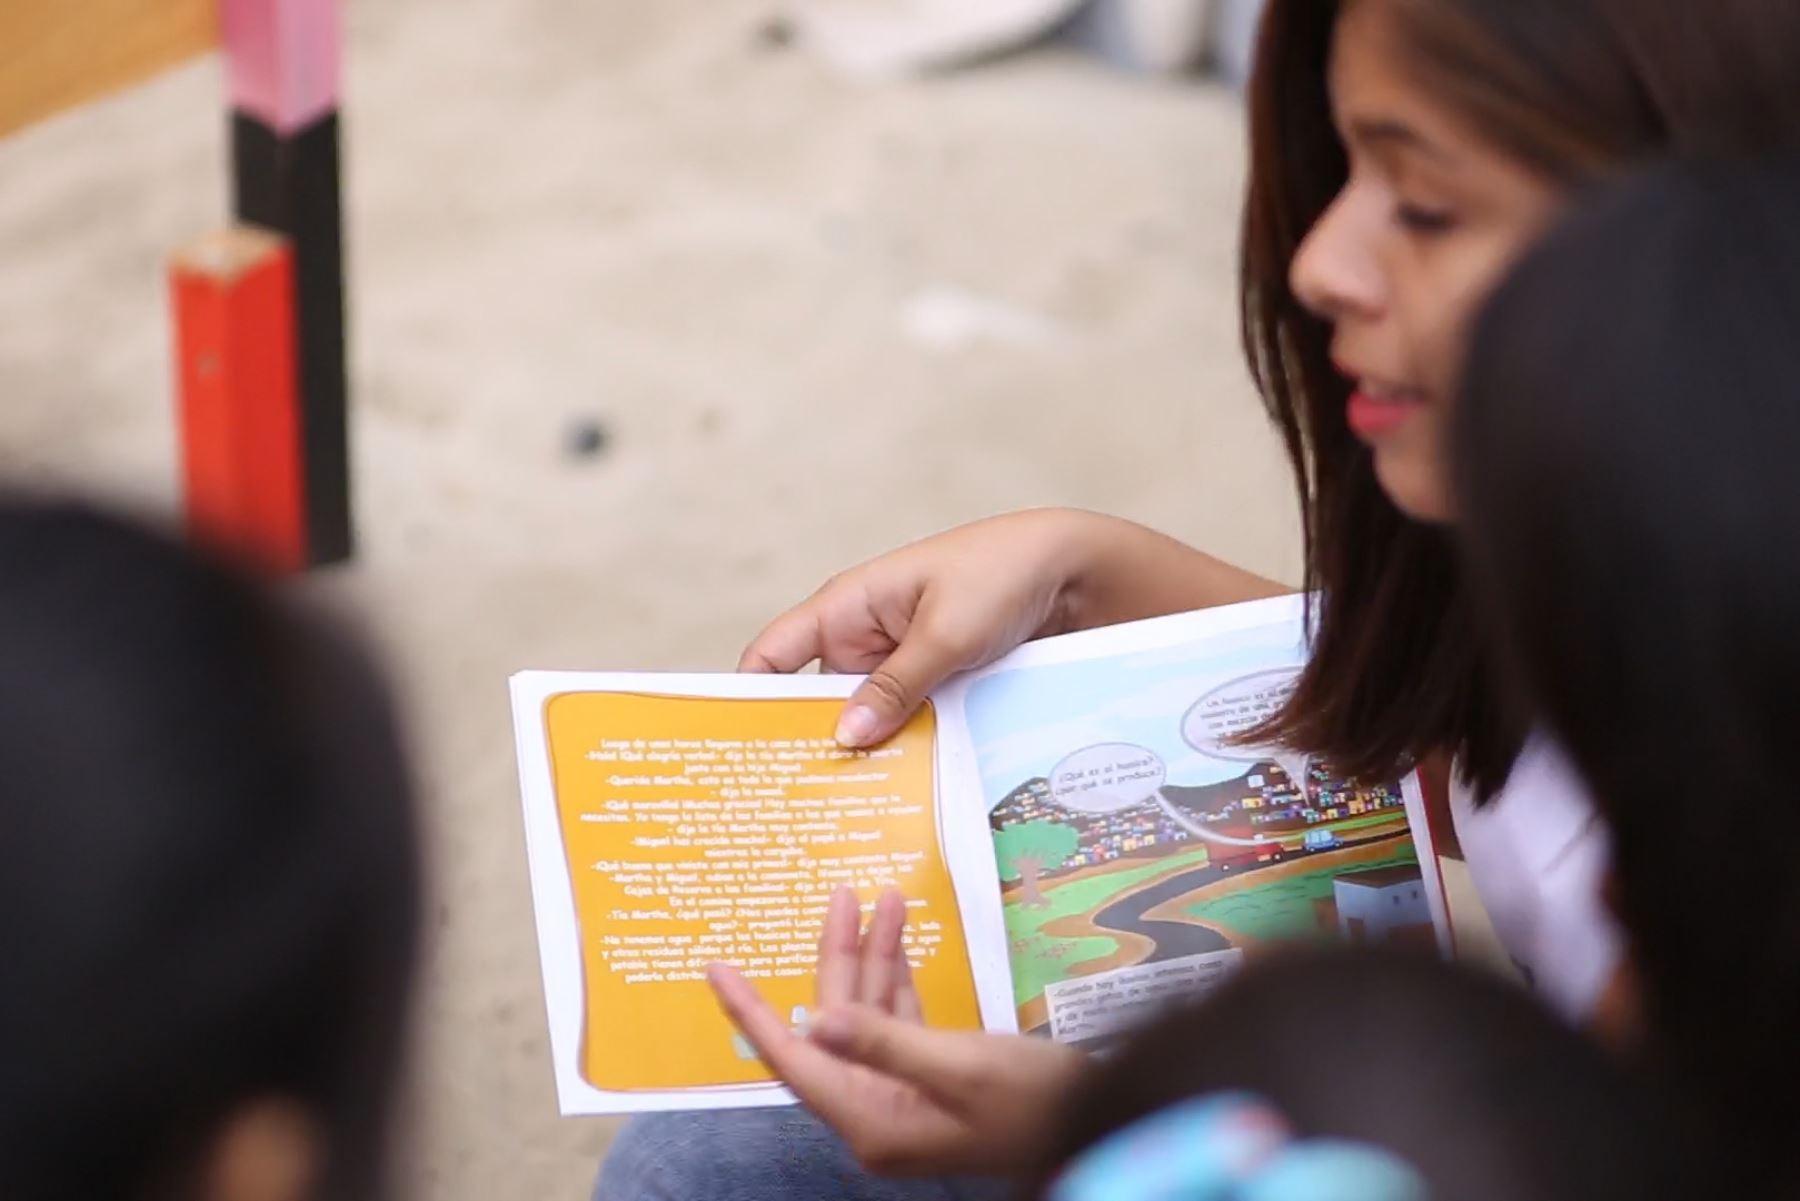 Donan más de 400 cuentos infantiles sobre prevención en zonas afectadas por El Niño en Piura. ANDINA/Difusión